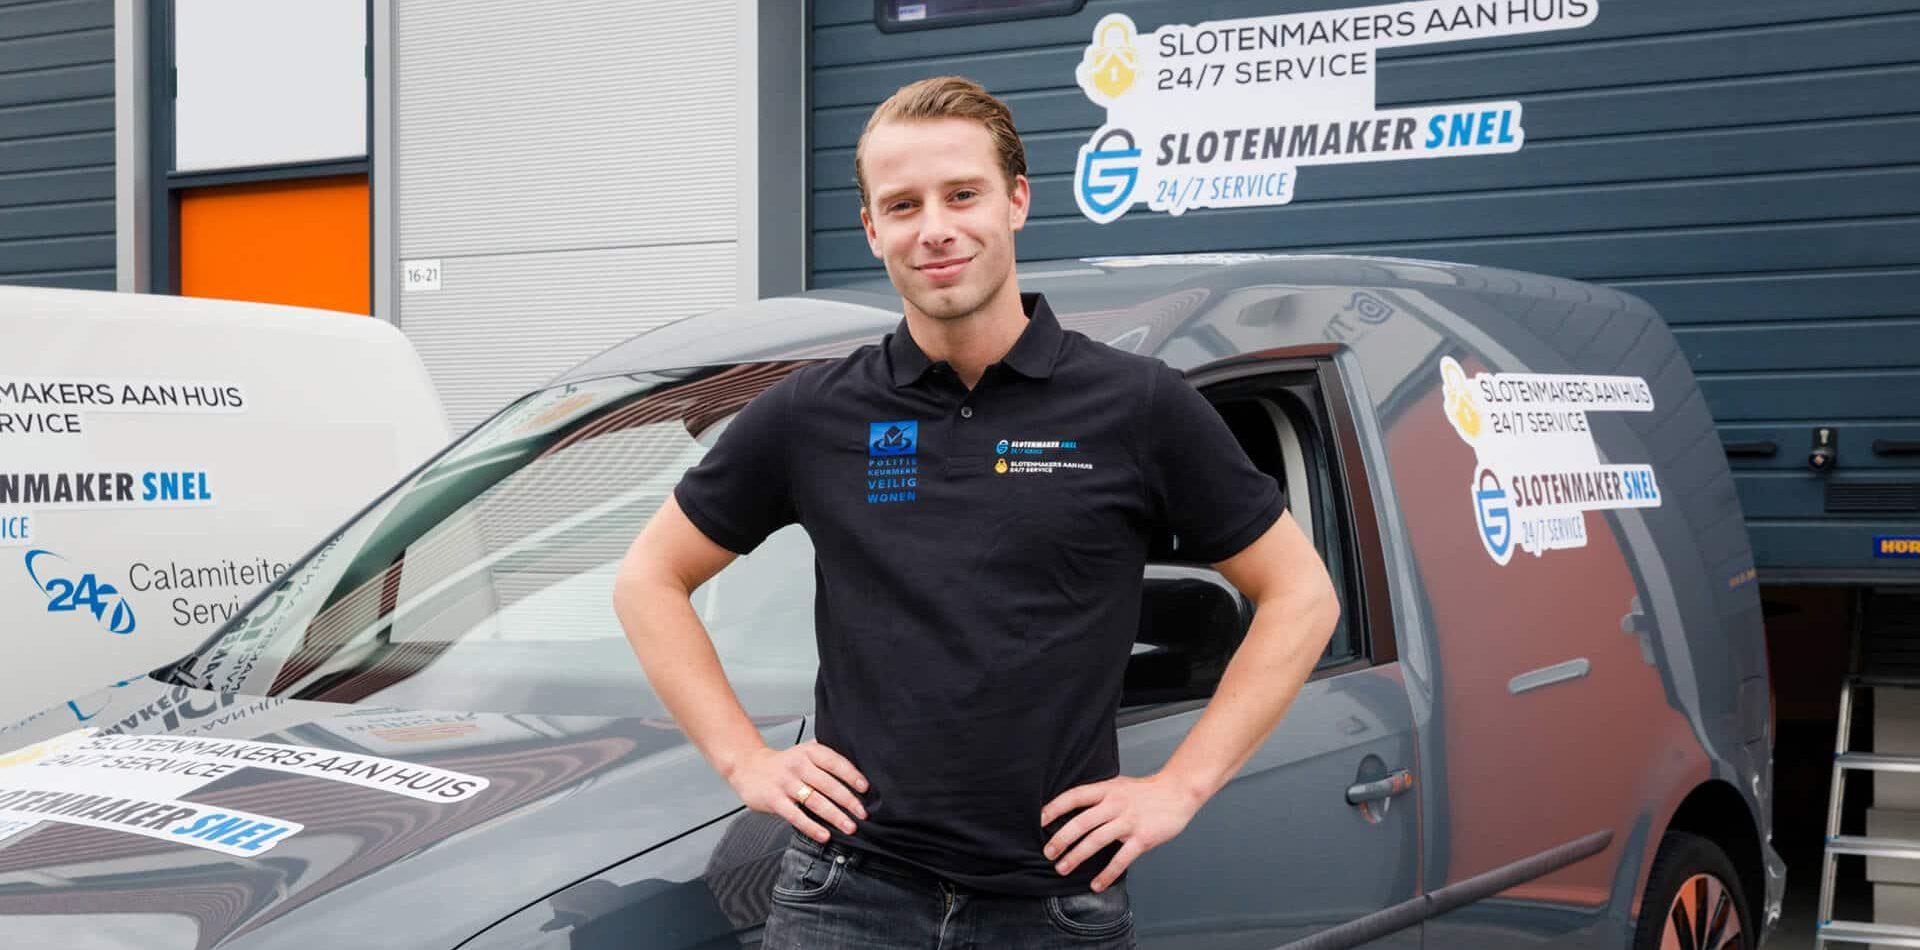 Slotenmaker Schoonhoven